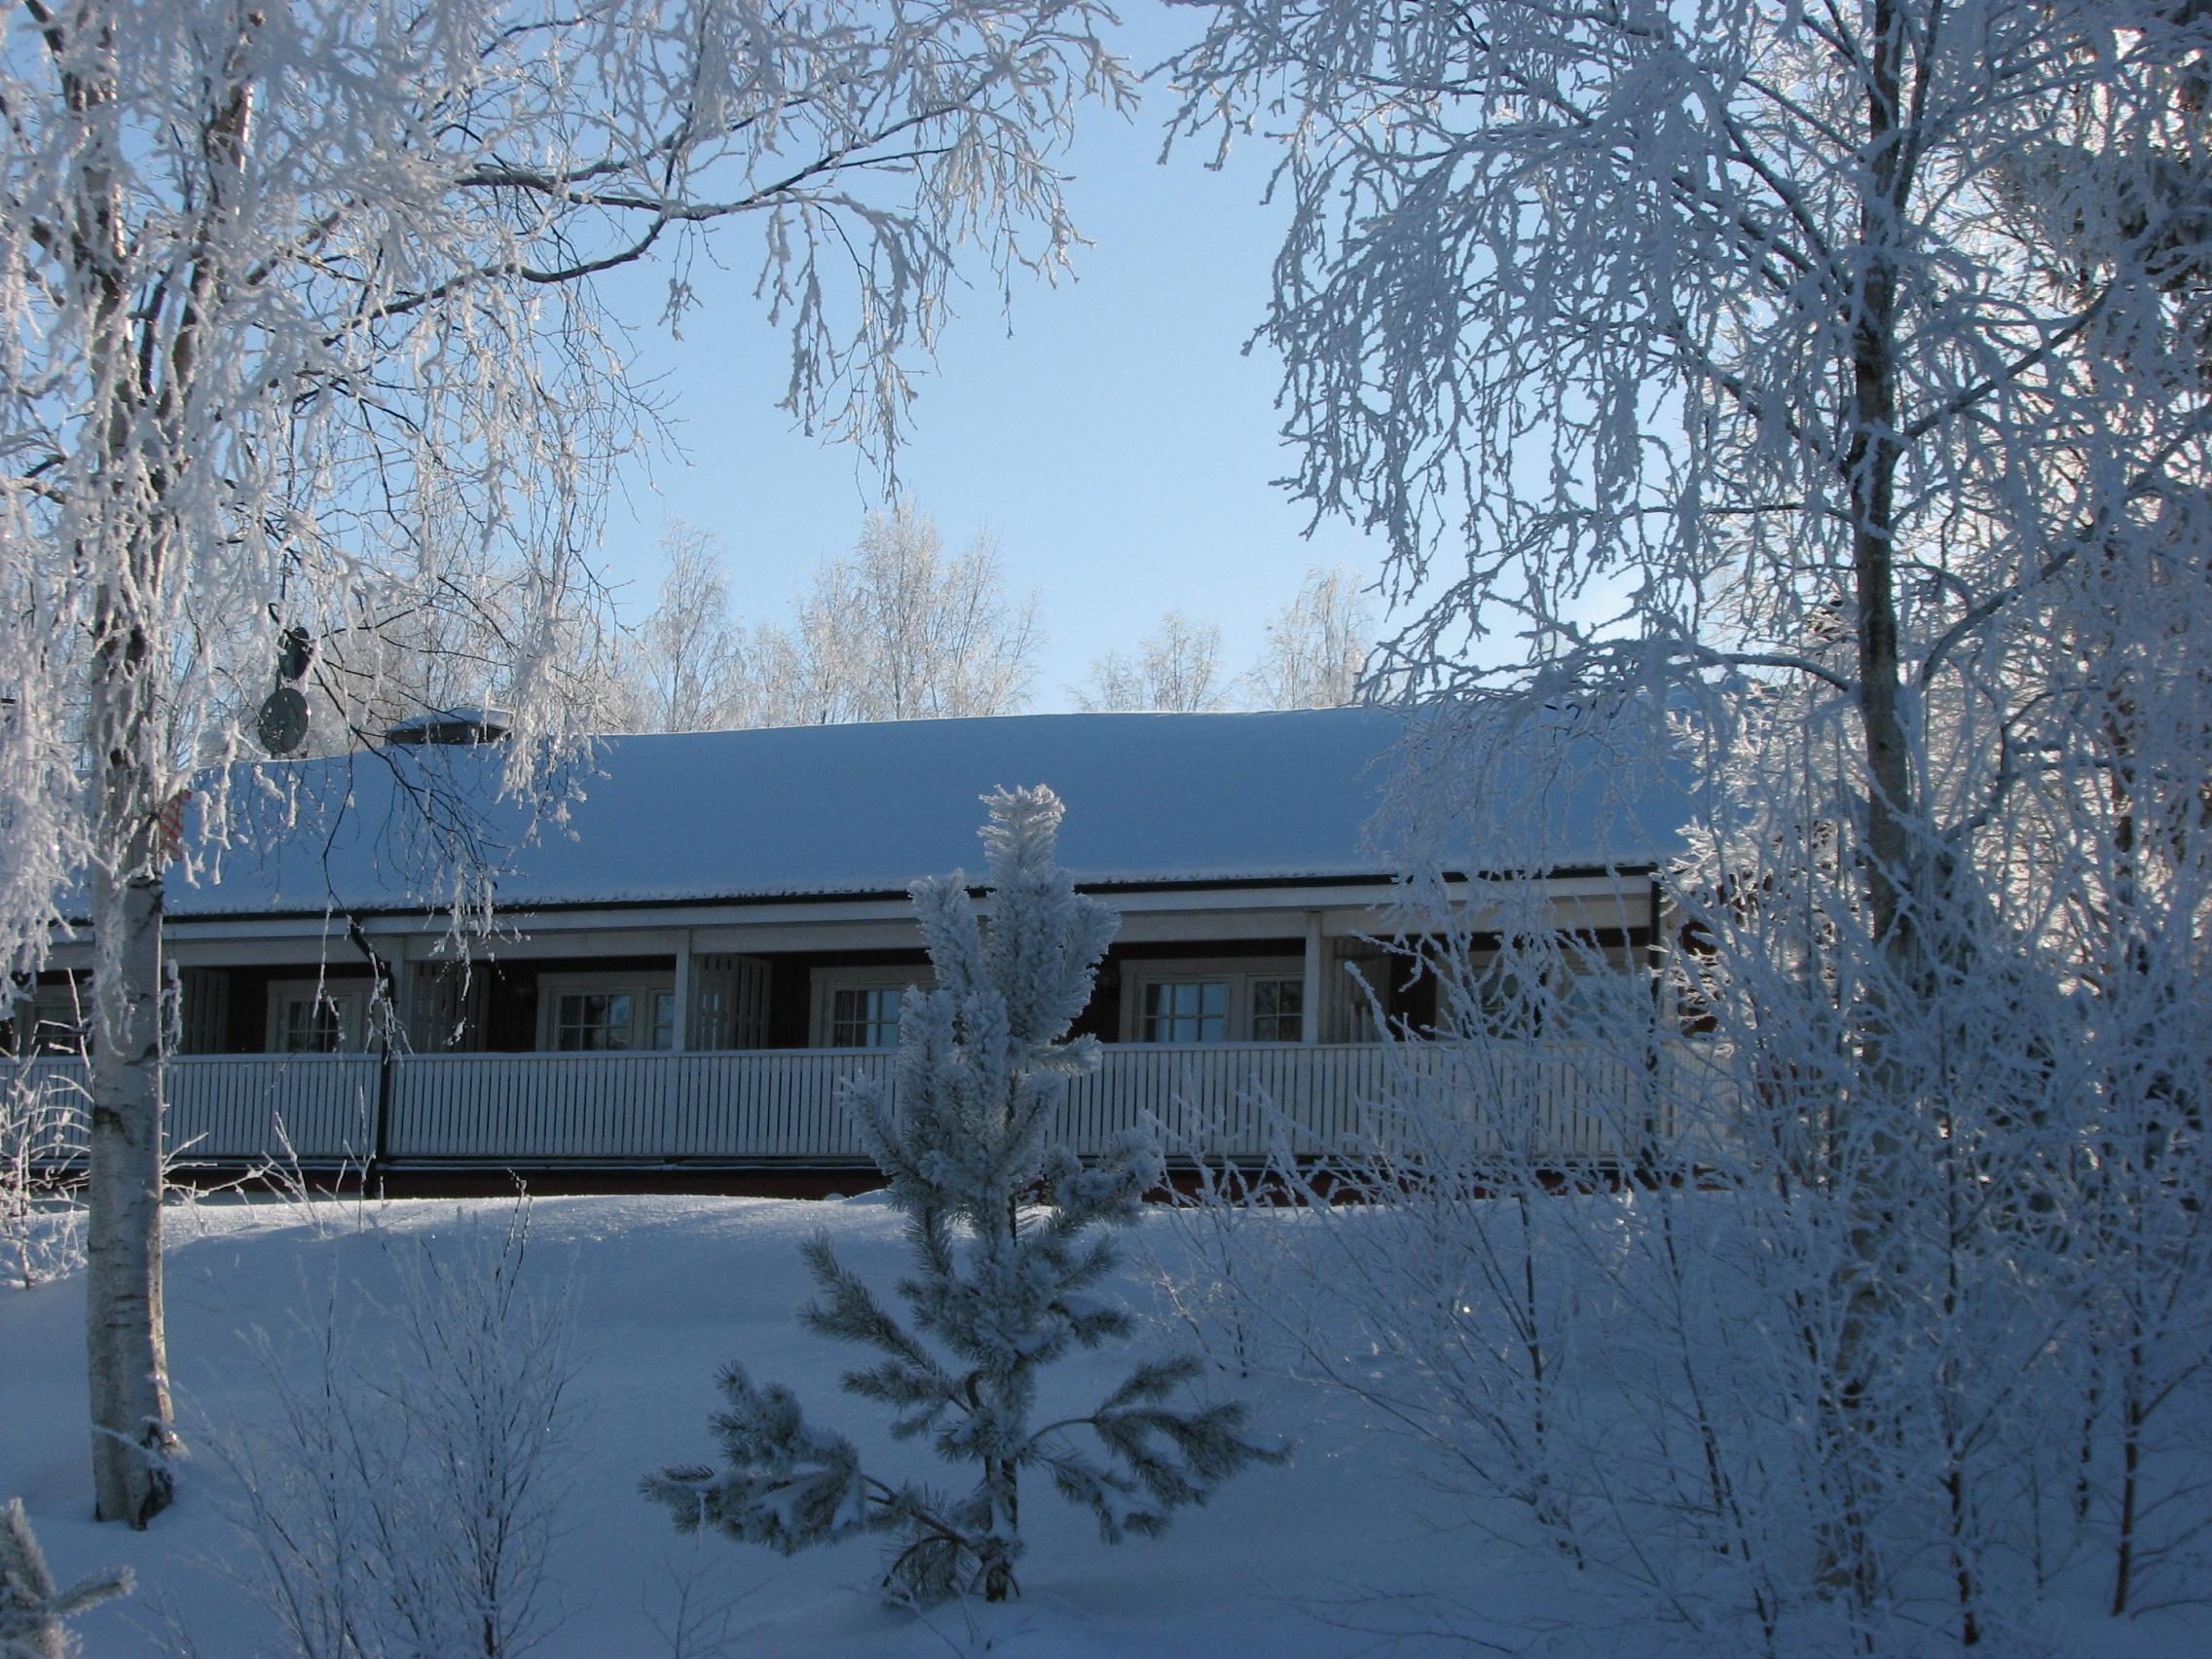 Die Unterkunft Edsleskogs Wärdshus liegt am See Edslan.